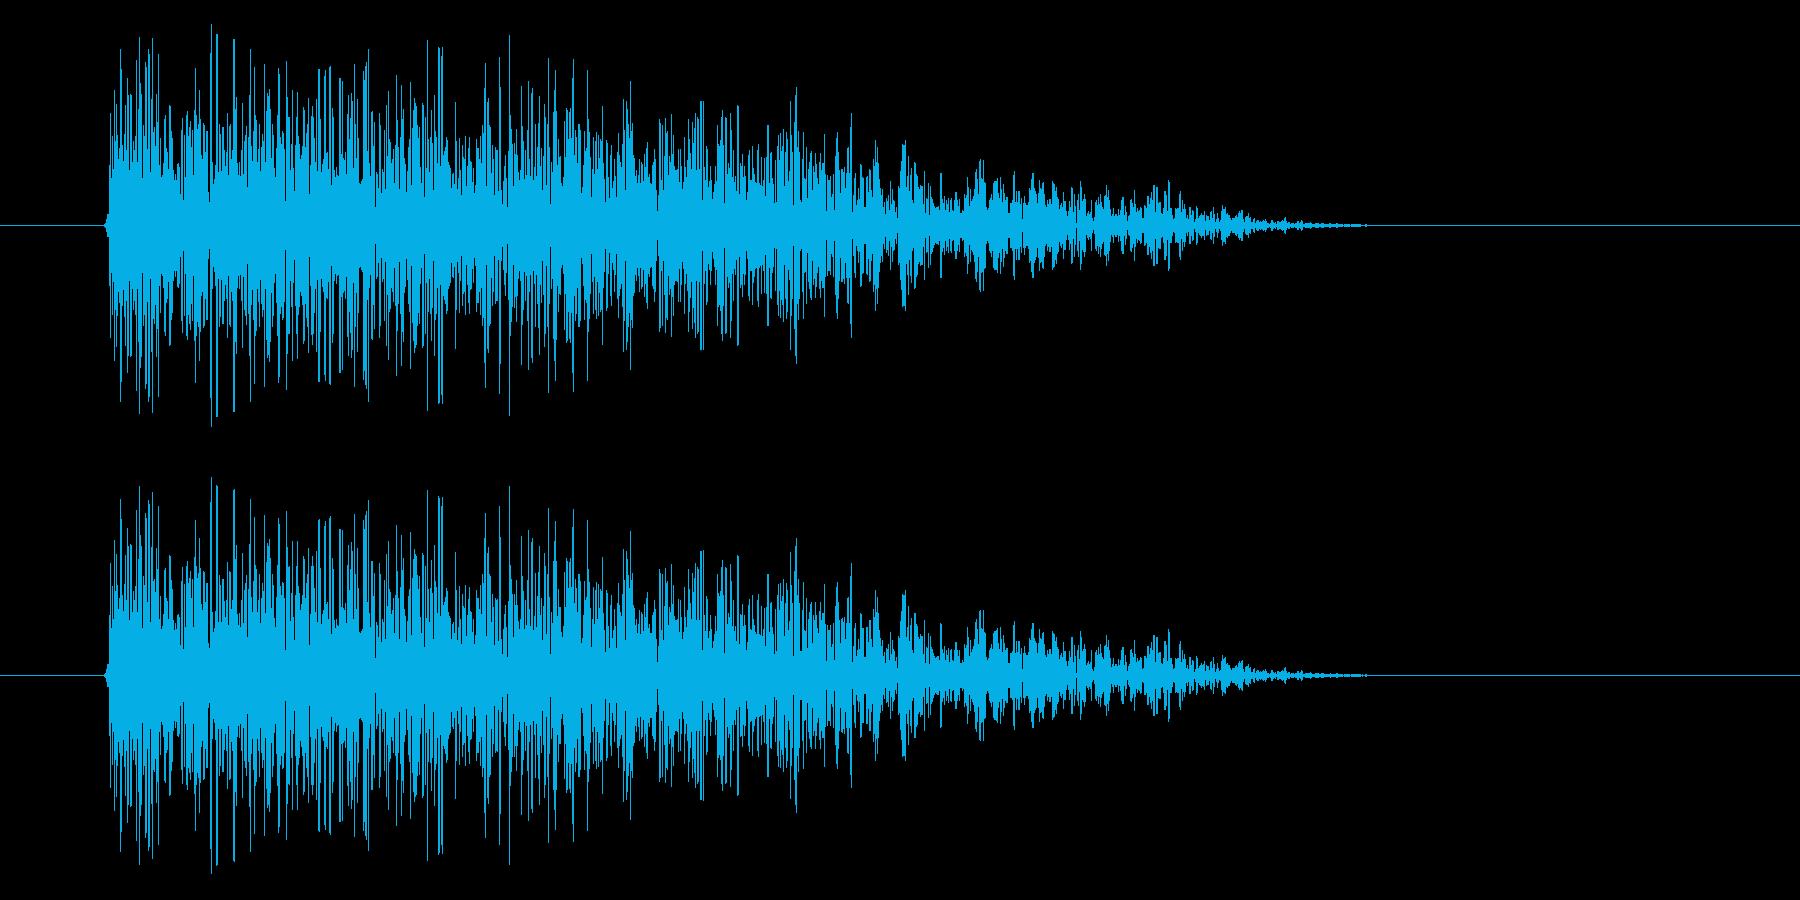 SNES シューティング02-12(ダメの再生済みの波形